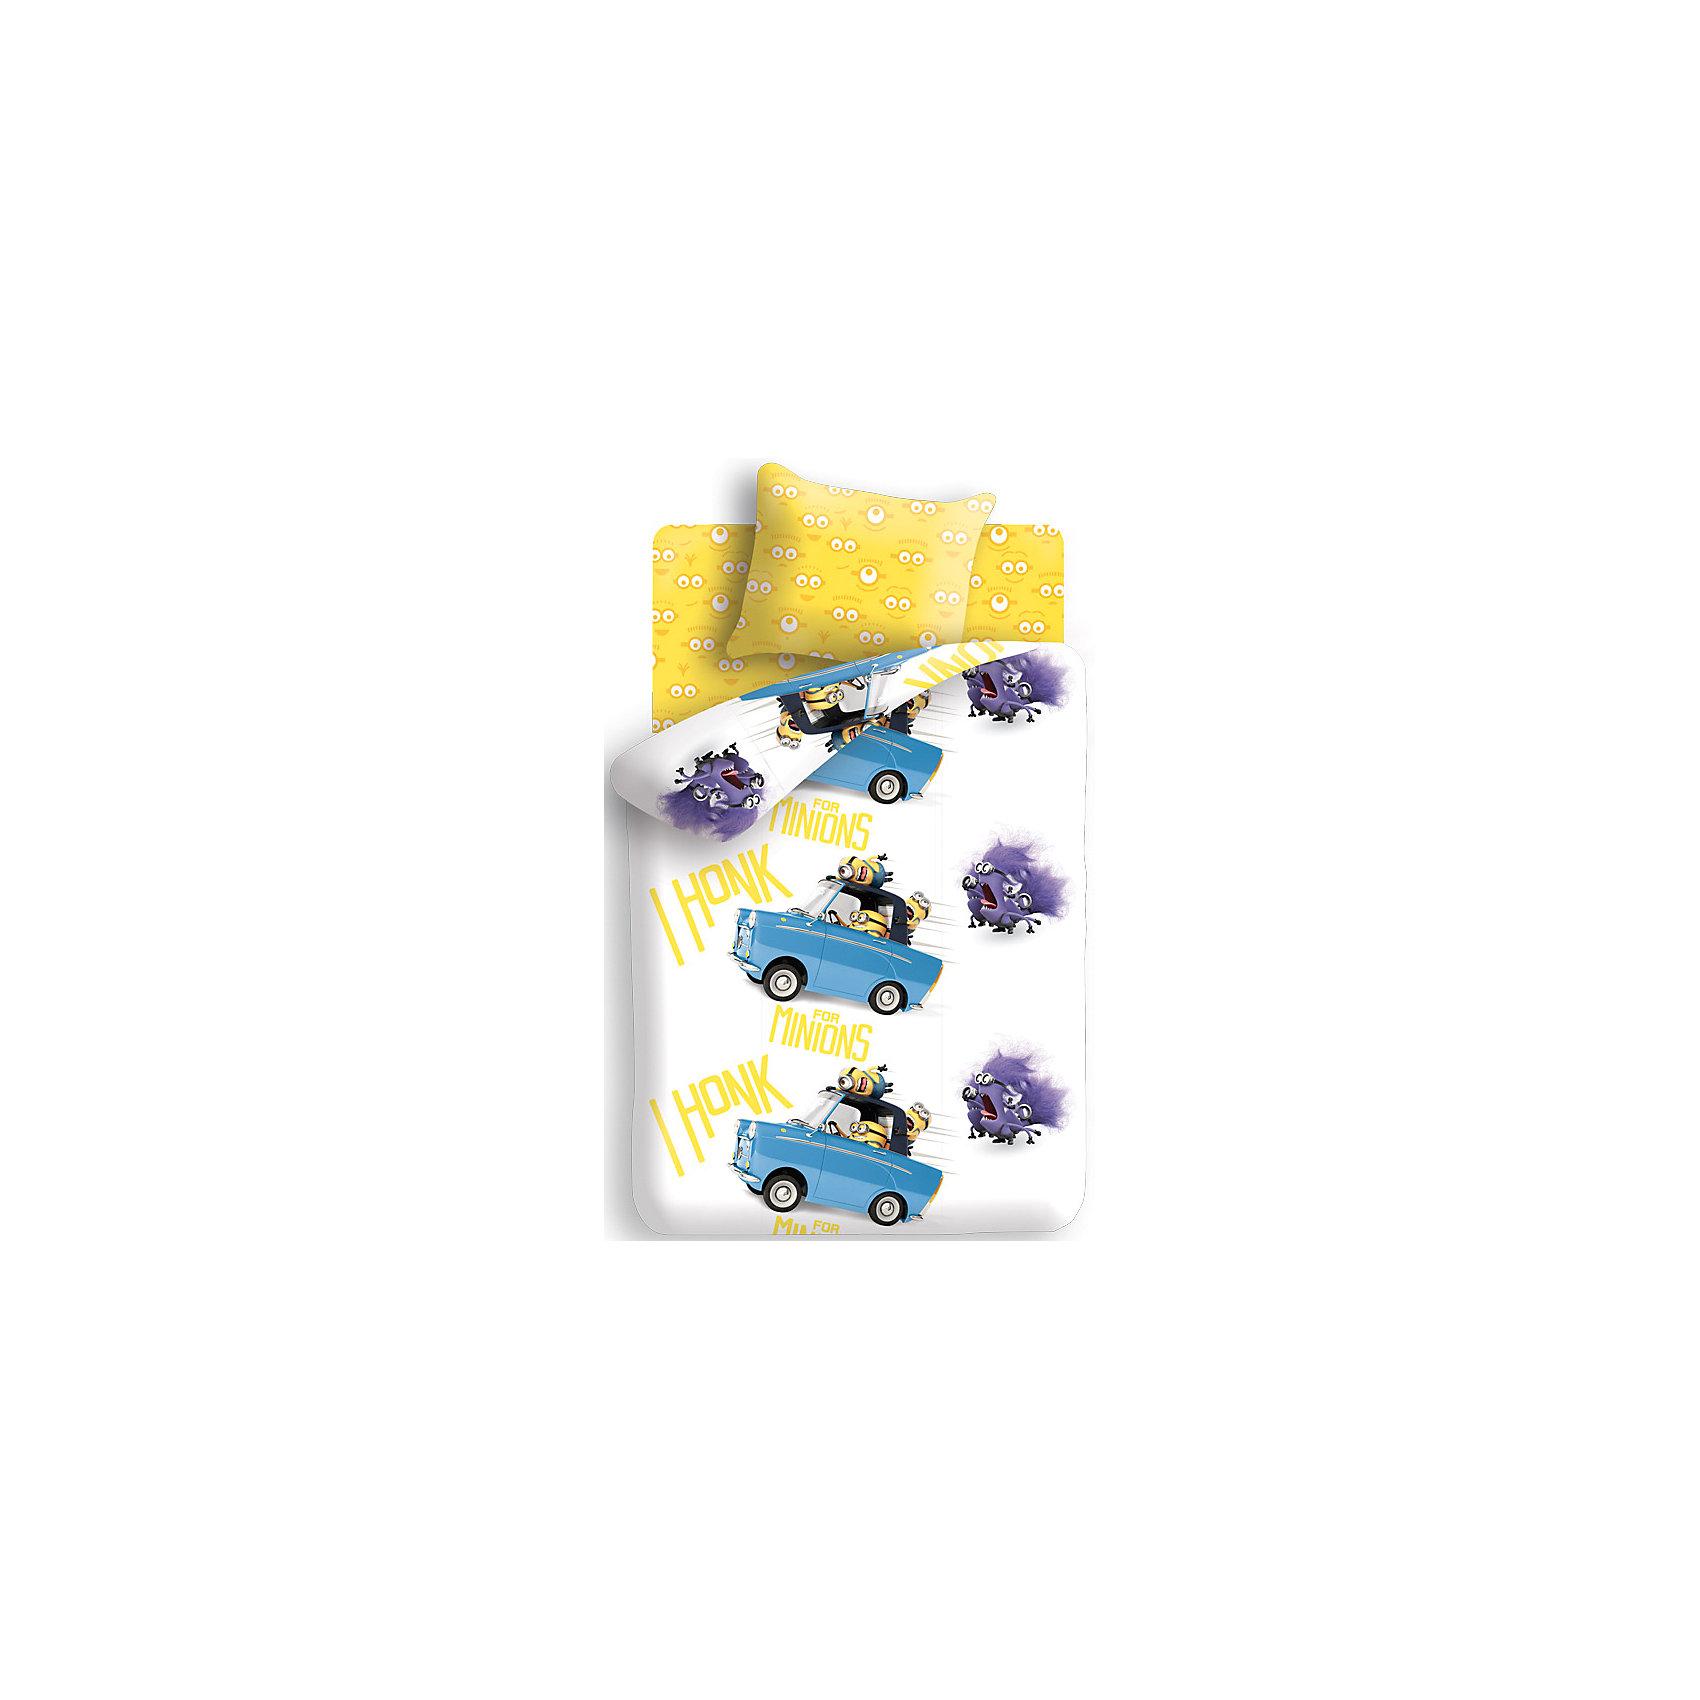 Непоседа Комплект Погоня. Миньоны (наволочка 70*70 см) 1,5-спальный непоседа комплект дорога 1 5 спальный союзмультфильм непоседа